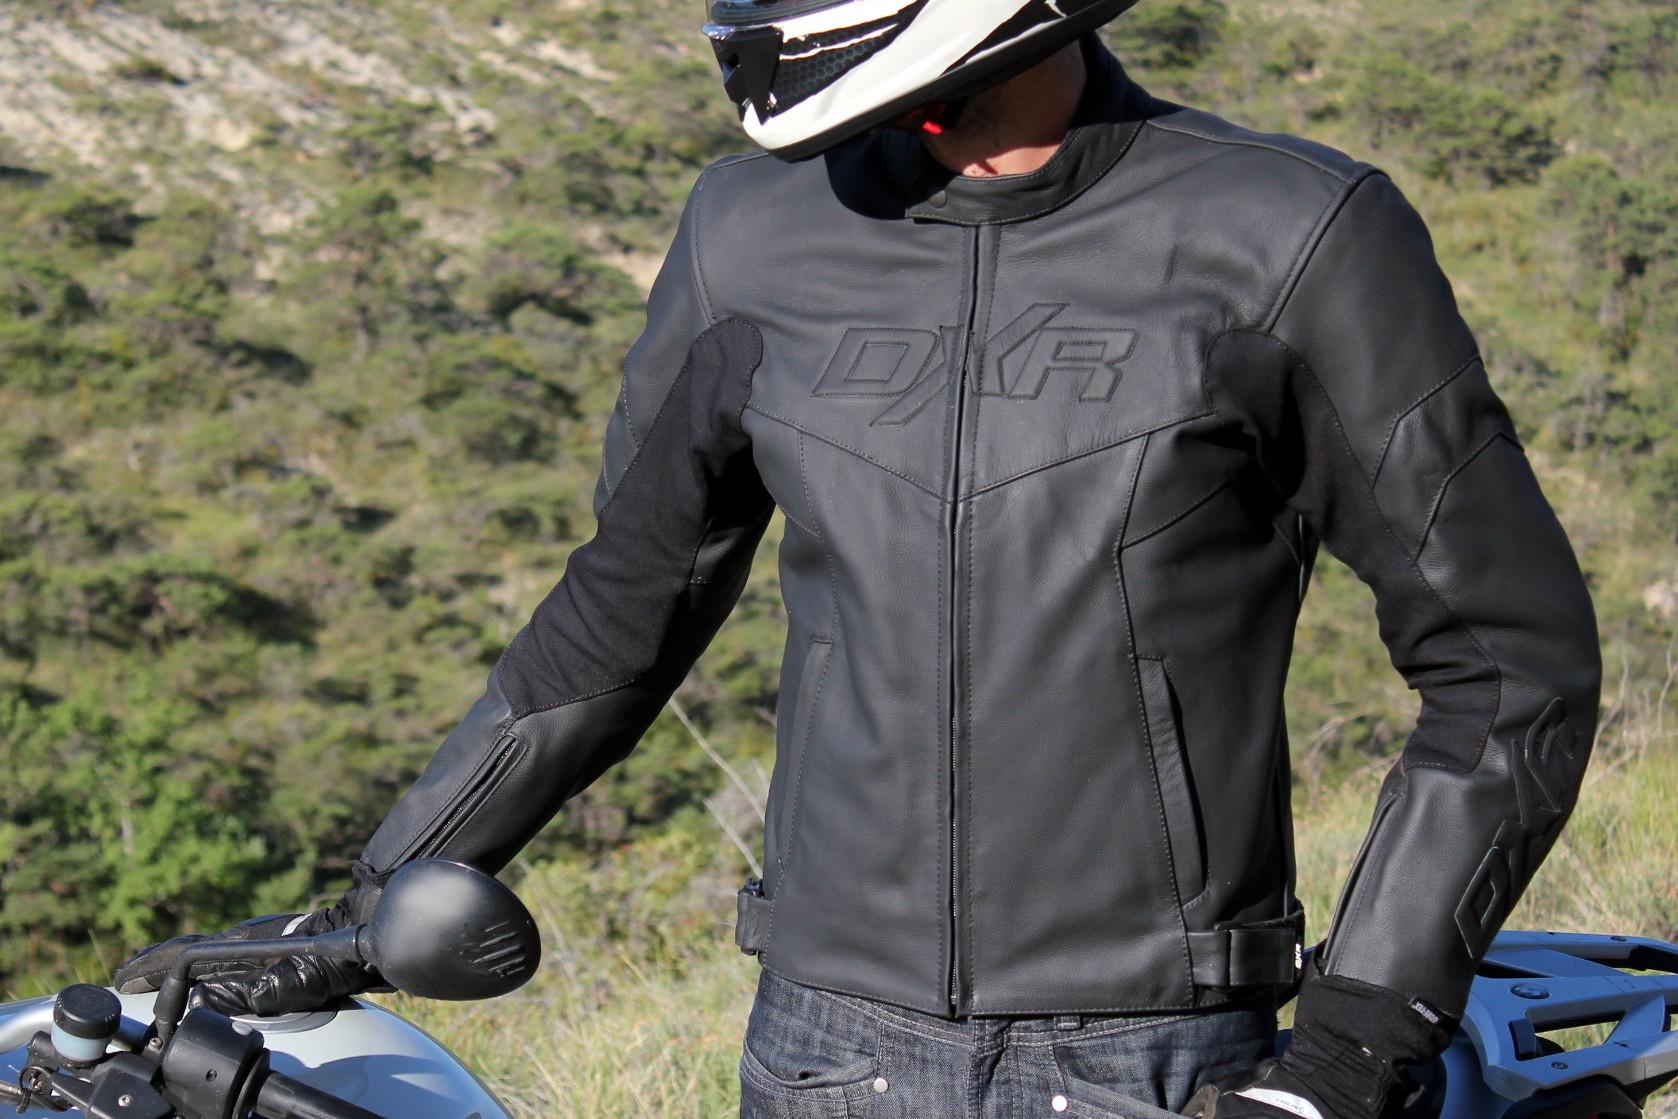 La DXR Skybolt, una chaqueta sencilla y eficaz para (re)descubrir el placer del cuero en moto